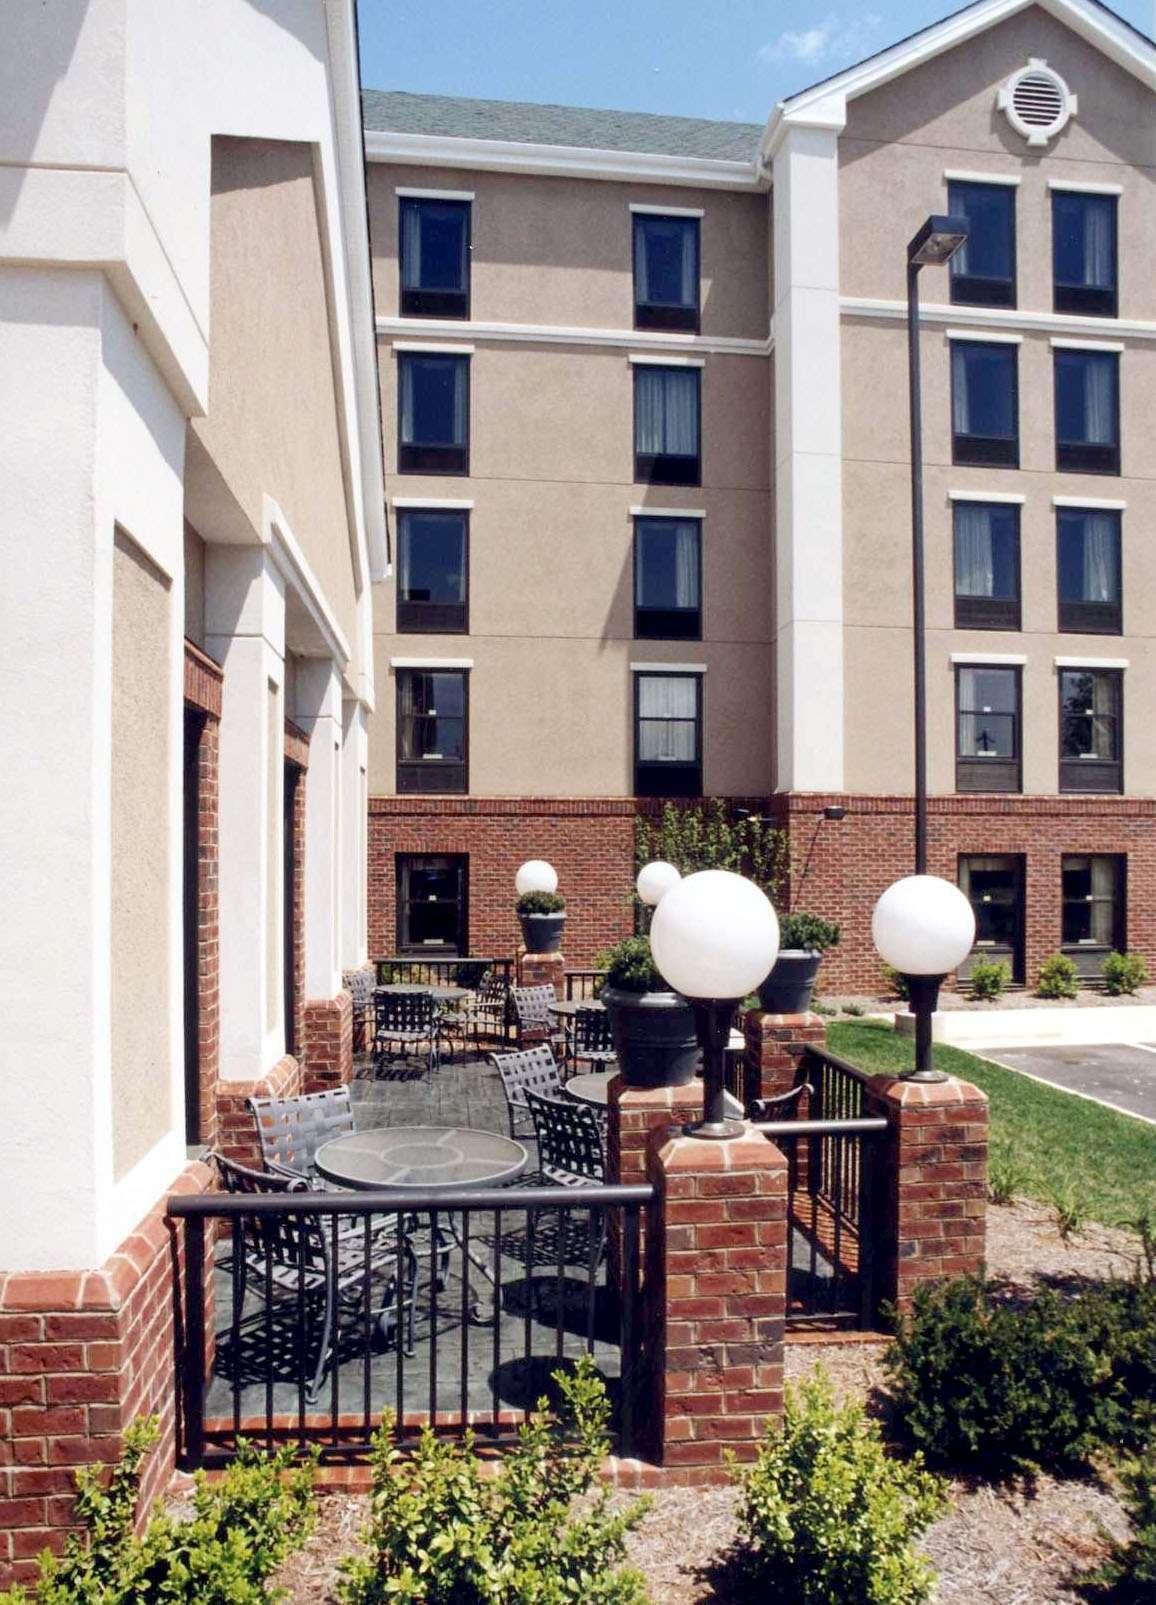 Hampton Inn & Suites Asheville-I-26 image 1